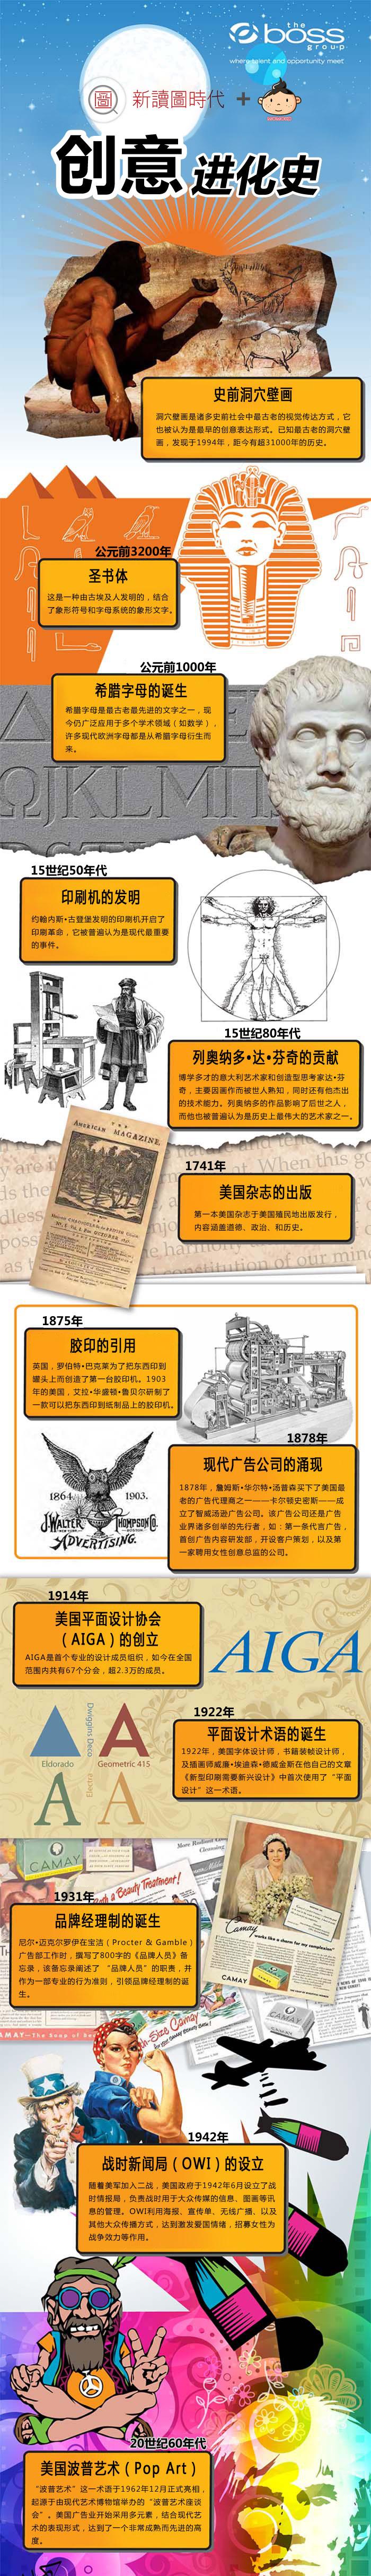 创意进化史 - wuwei1101 - 西花社